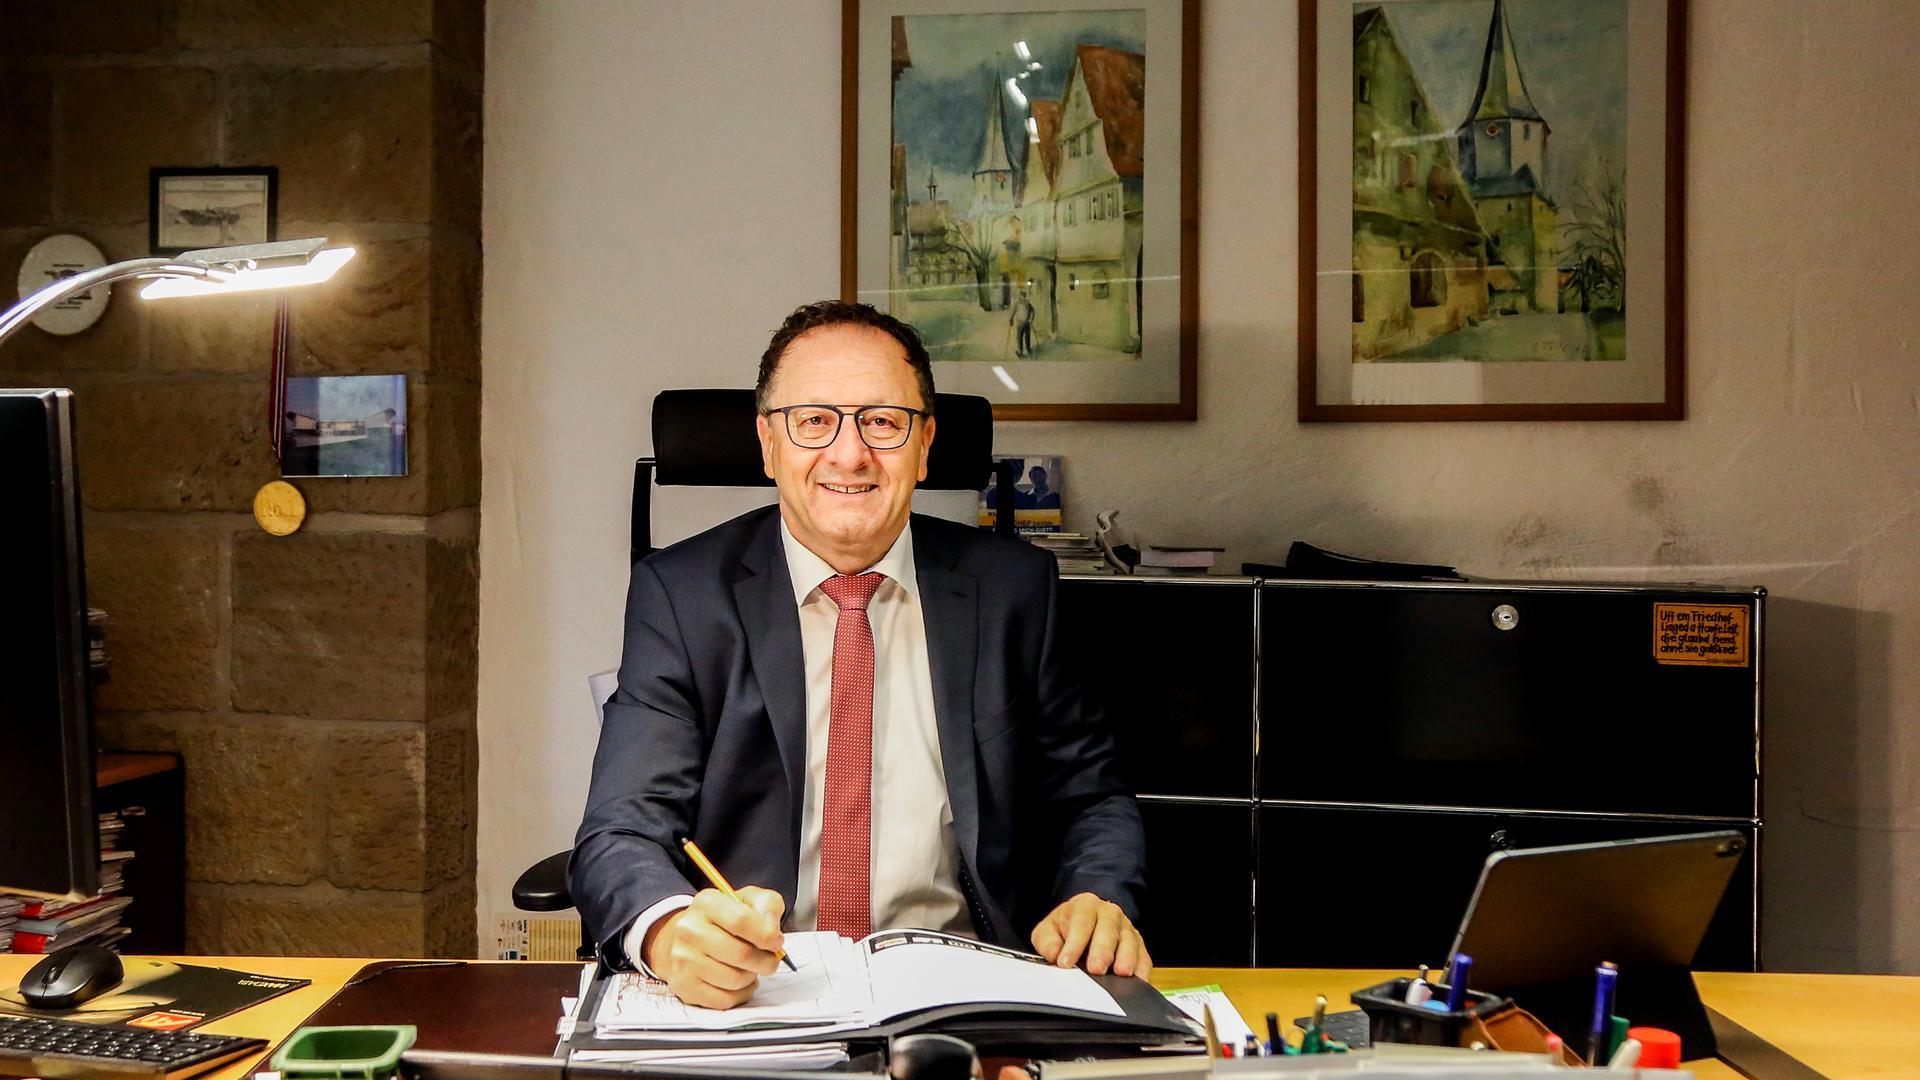 Oberderdingens Bürgermeister Thomas Nowitzki sitzt in seinem Büro am Schreibtisch.